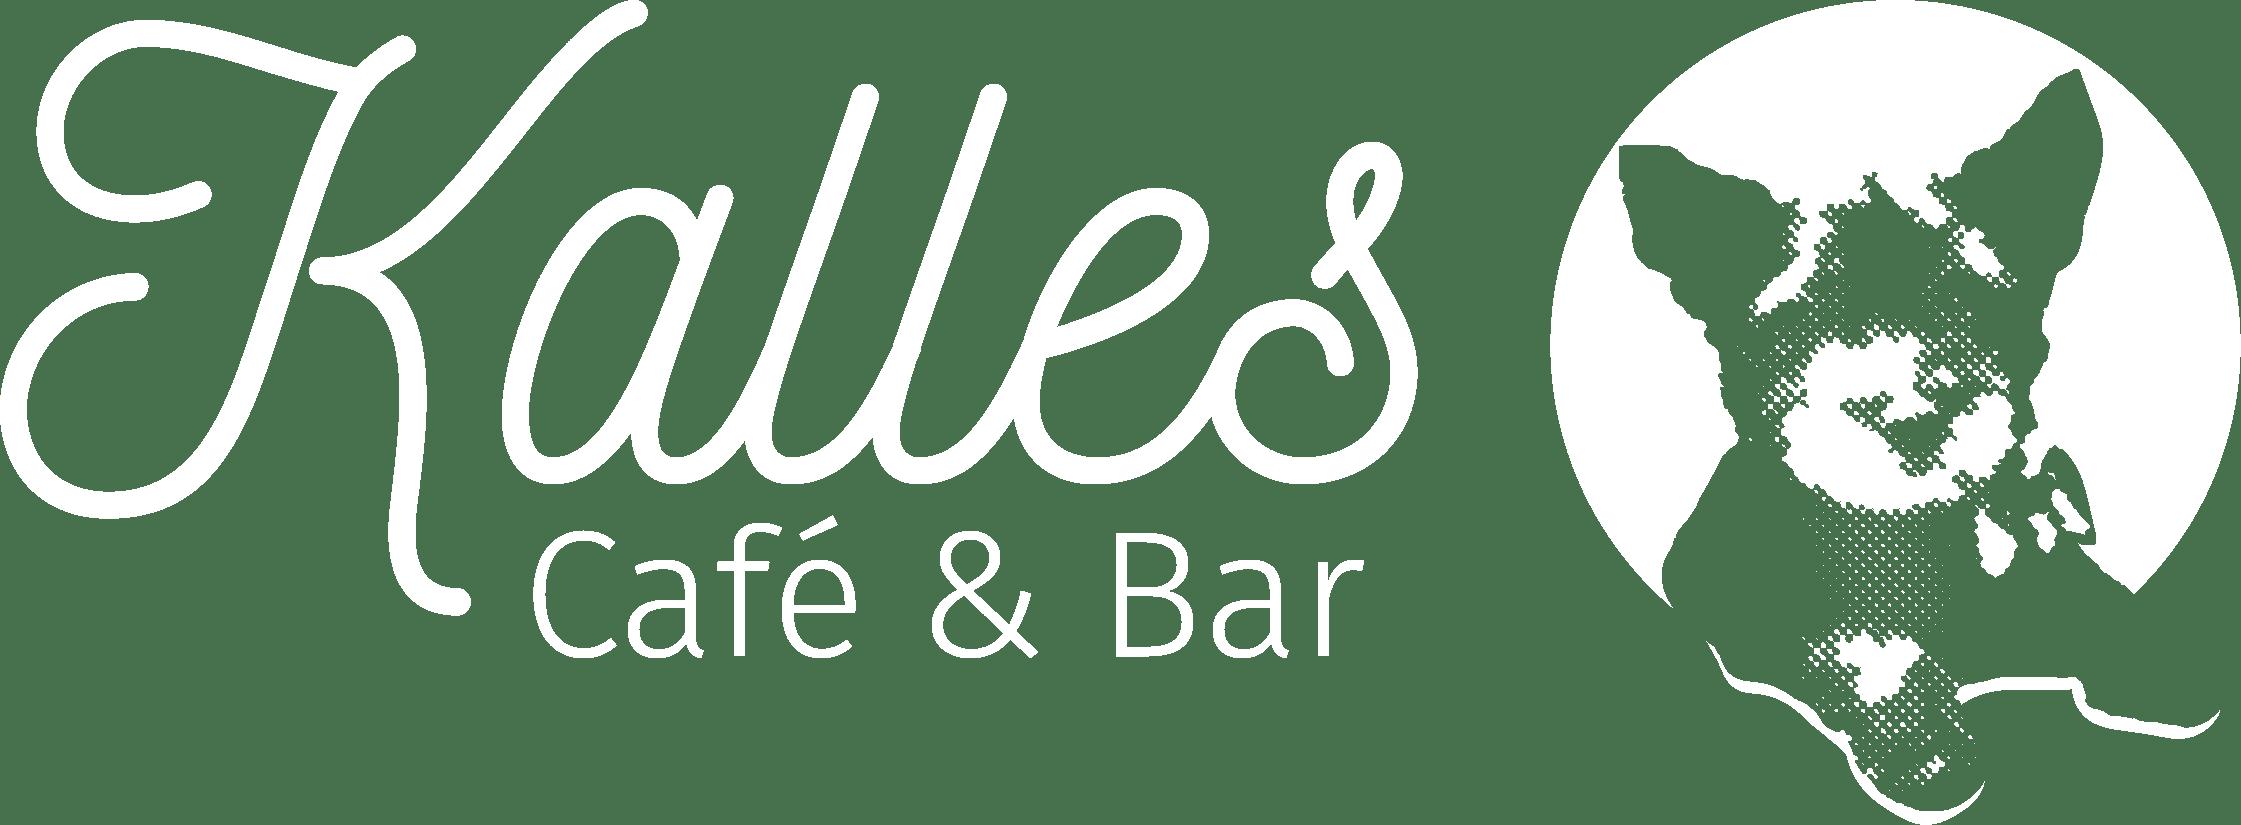 Kalles Cafe und Bar Borken Logo